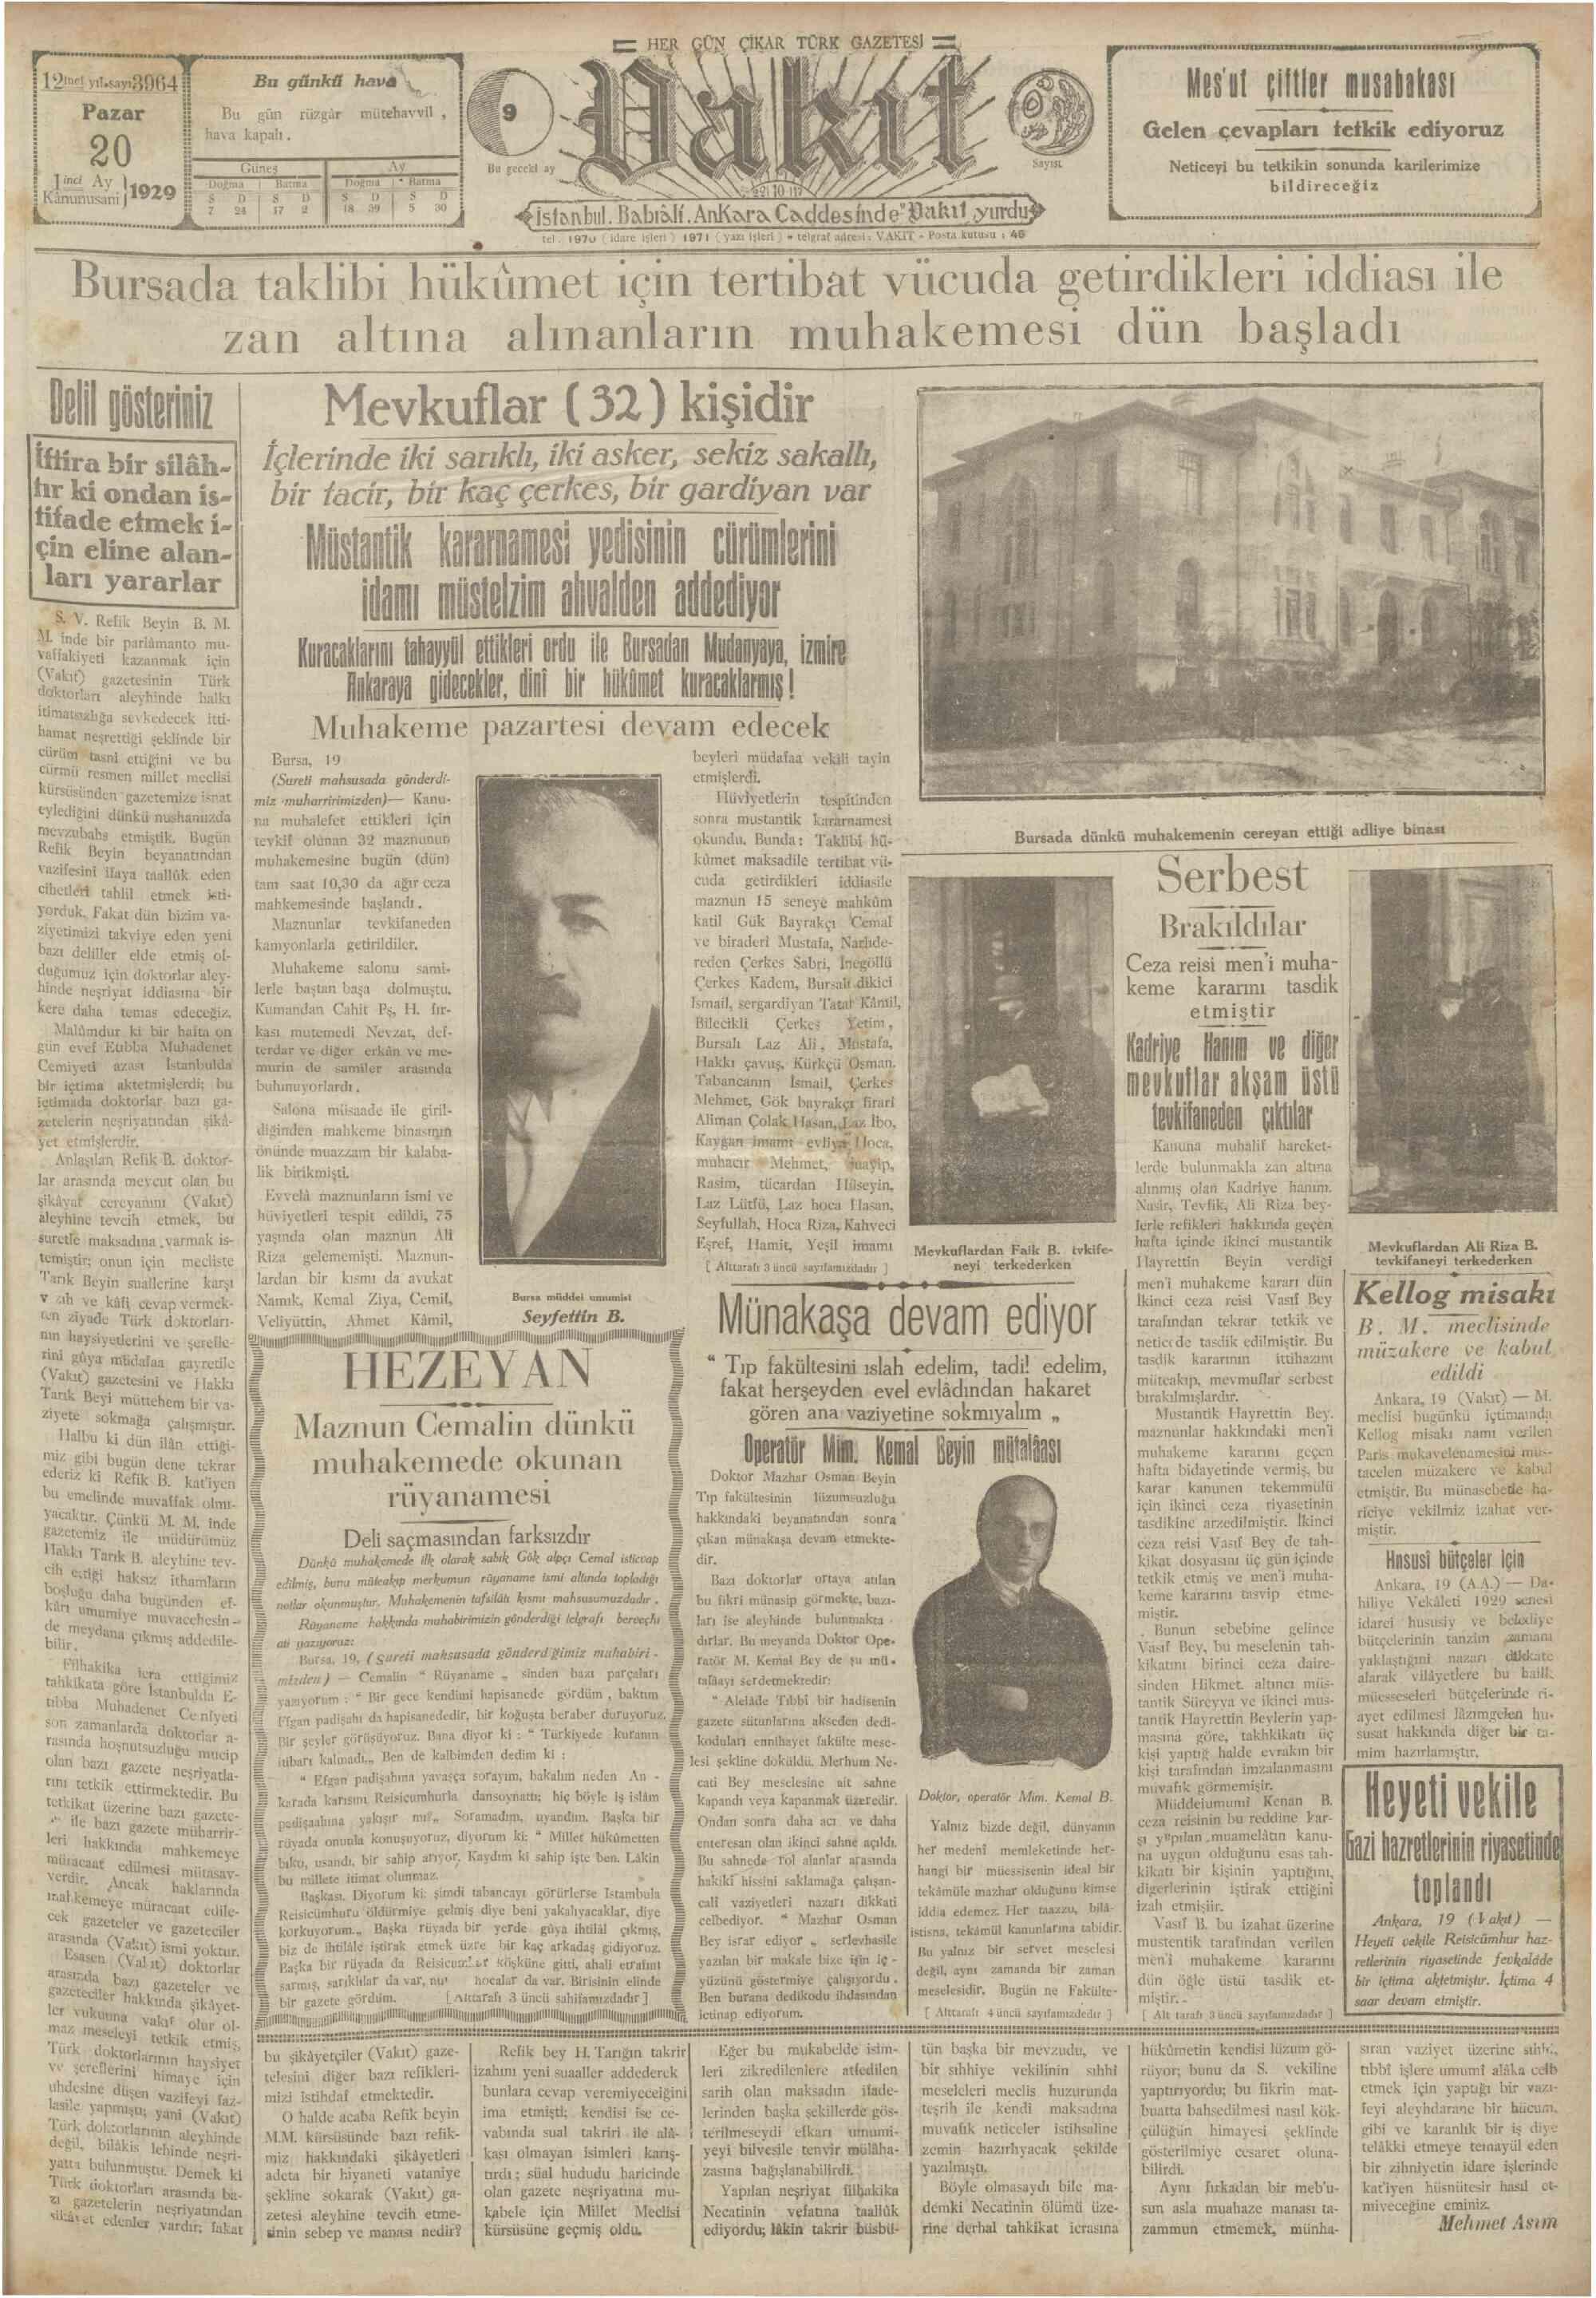 20 Ocak 1929 Tarihli Vakit Gazetesi Sayfa 1